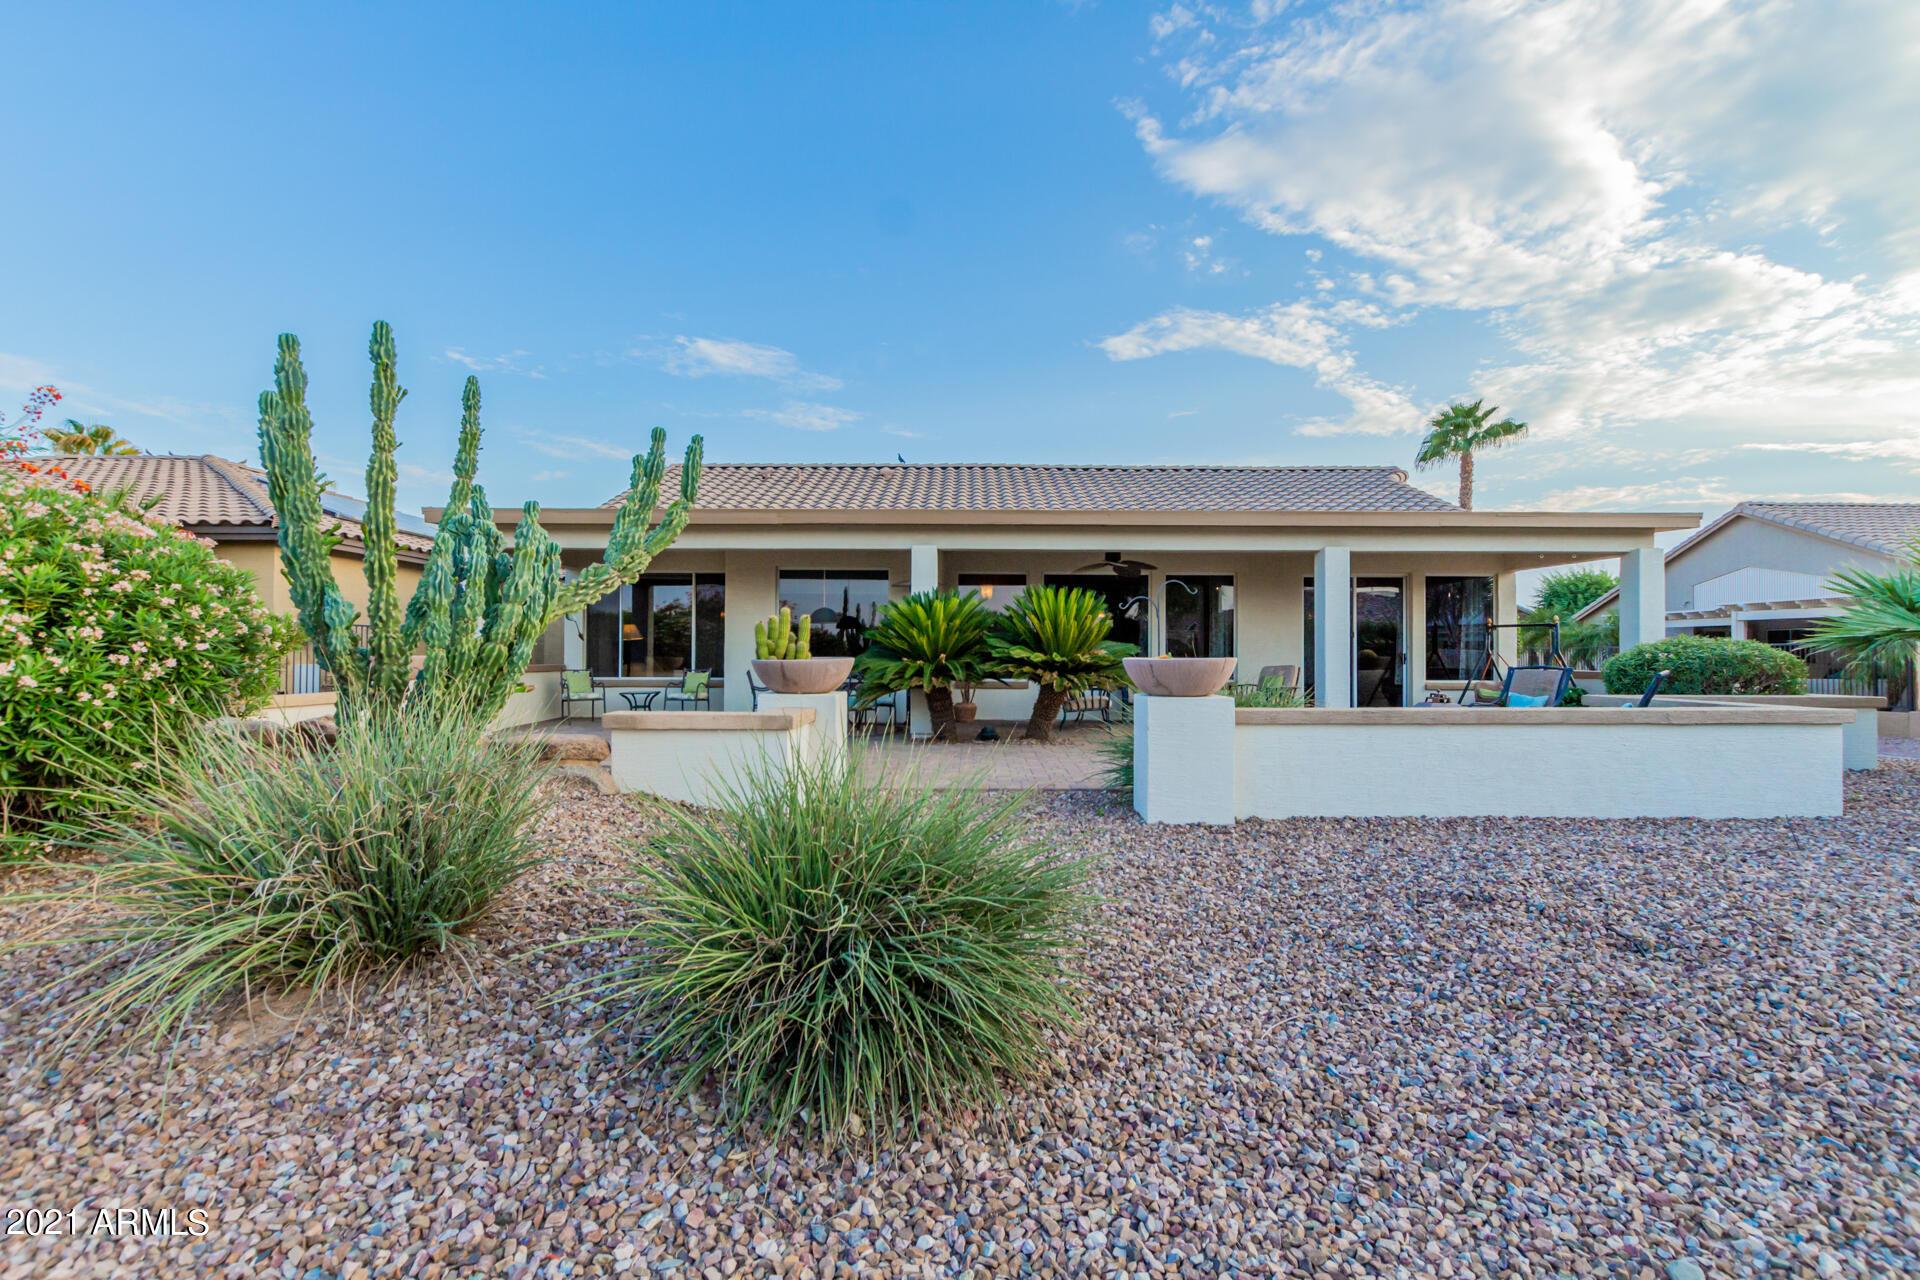 MLS 6295937 16254 W INDIANOLA Avenue, Goodyear, AZ 85395 Goodyear AZ Adult Community